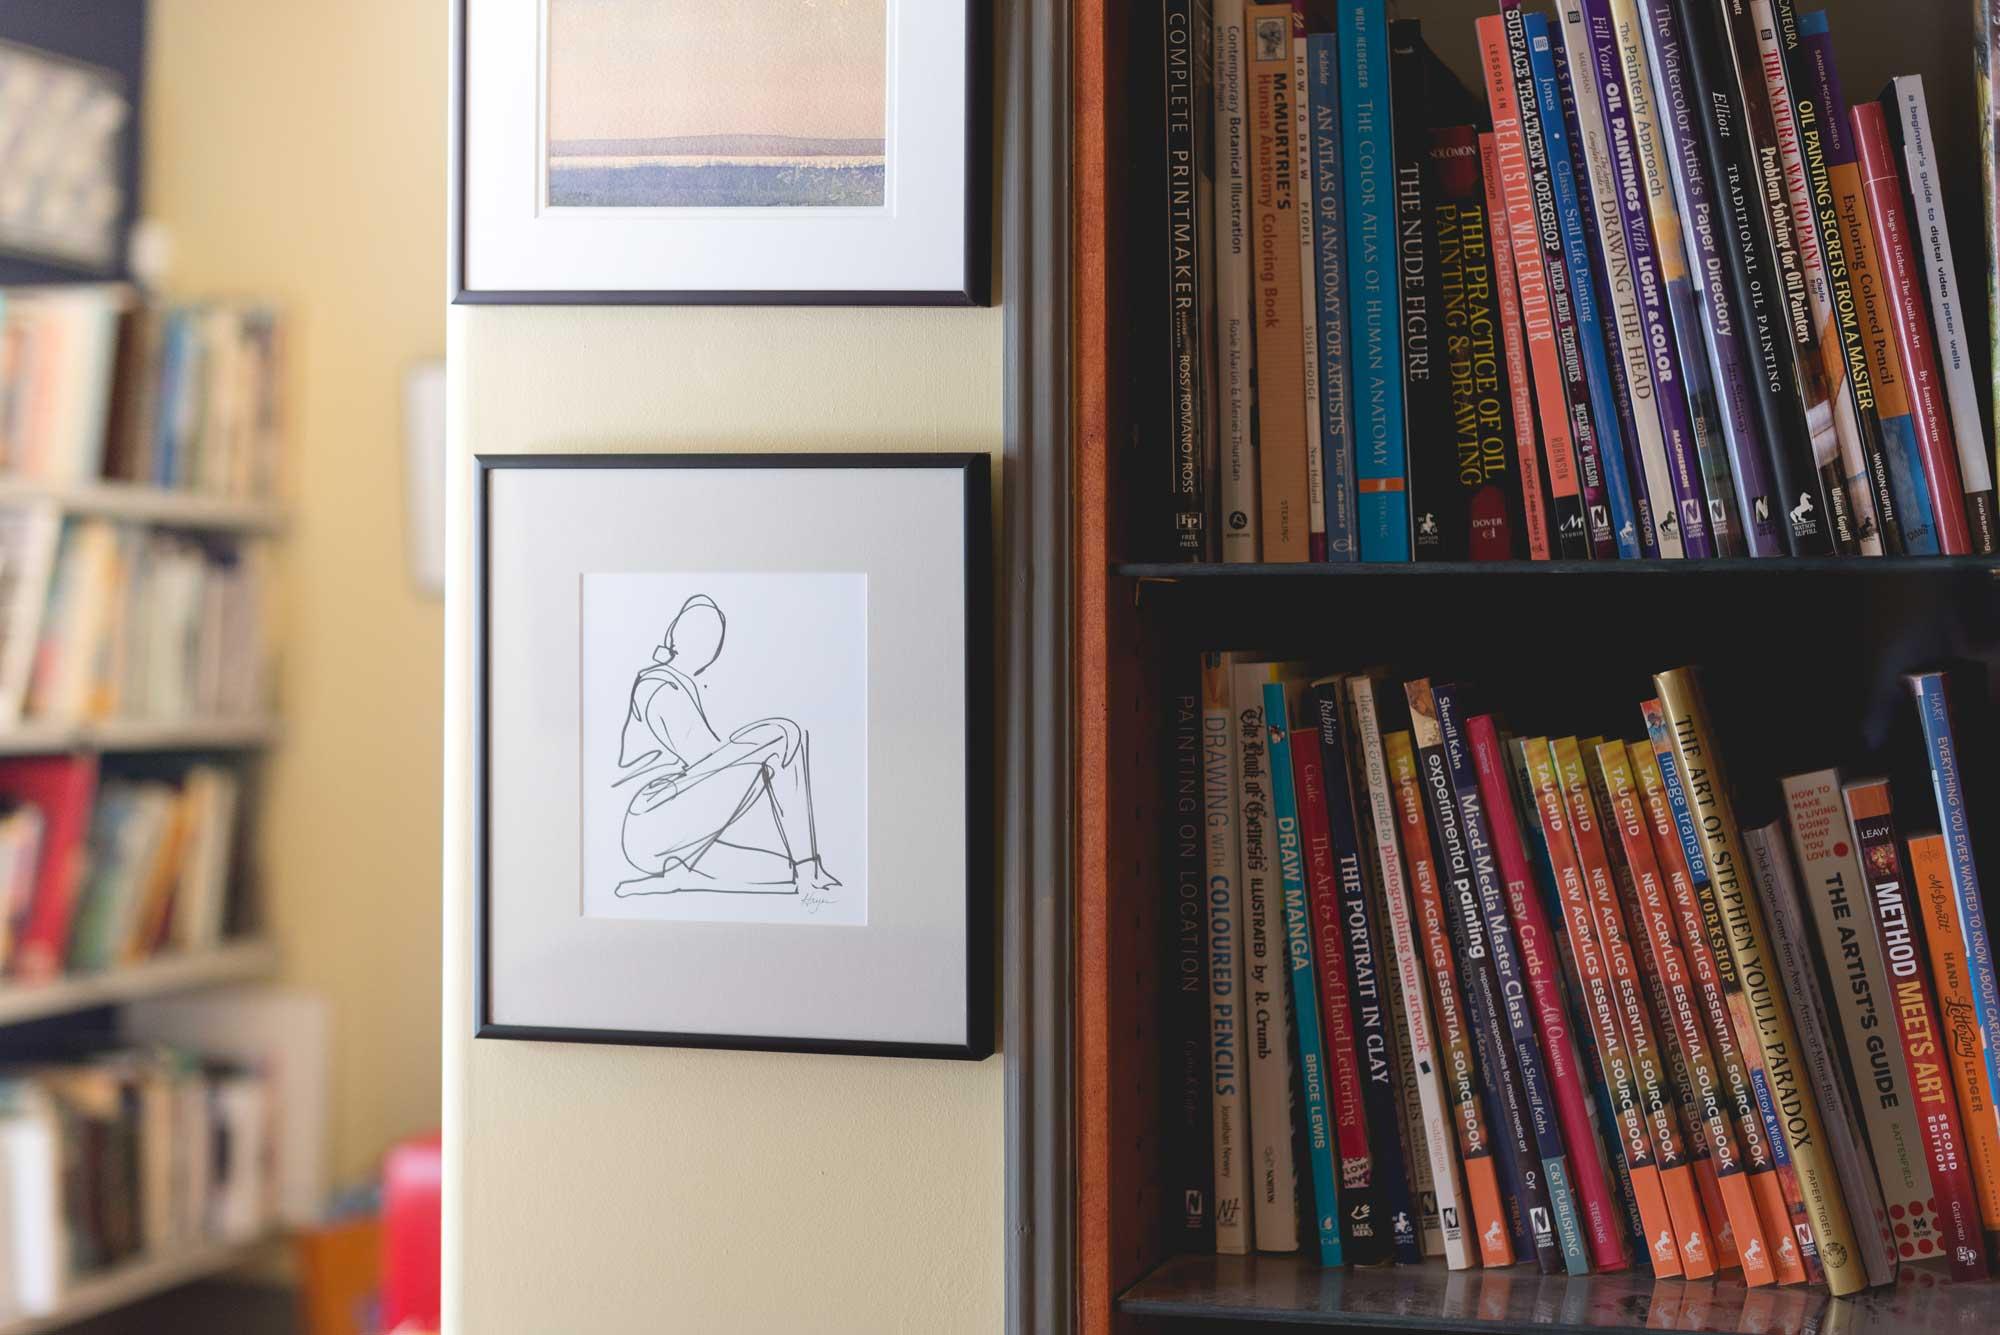 ArtCan Café - enjoy coffee, art, read, and relax